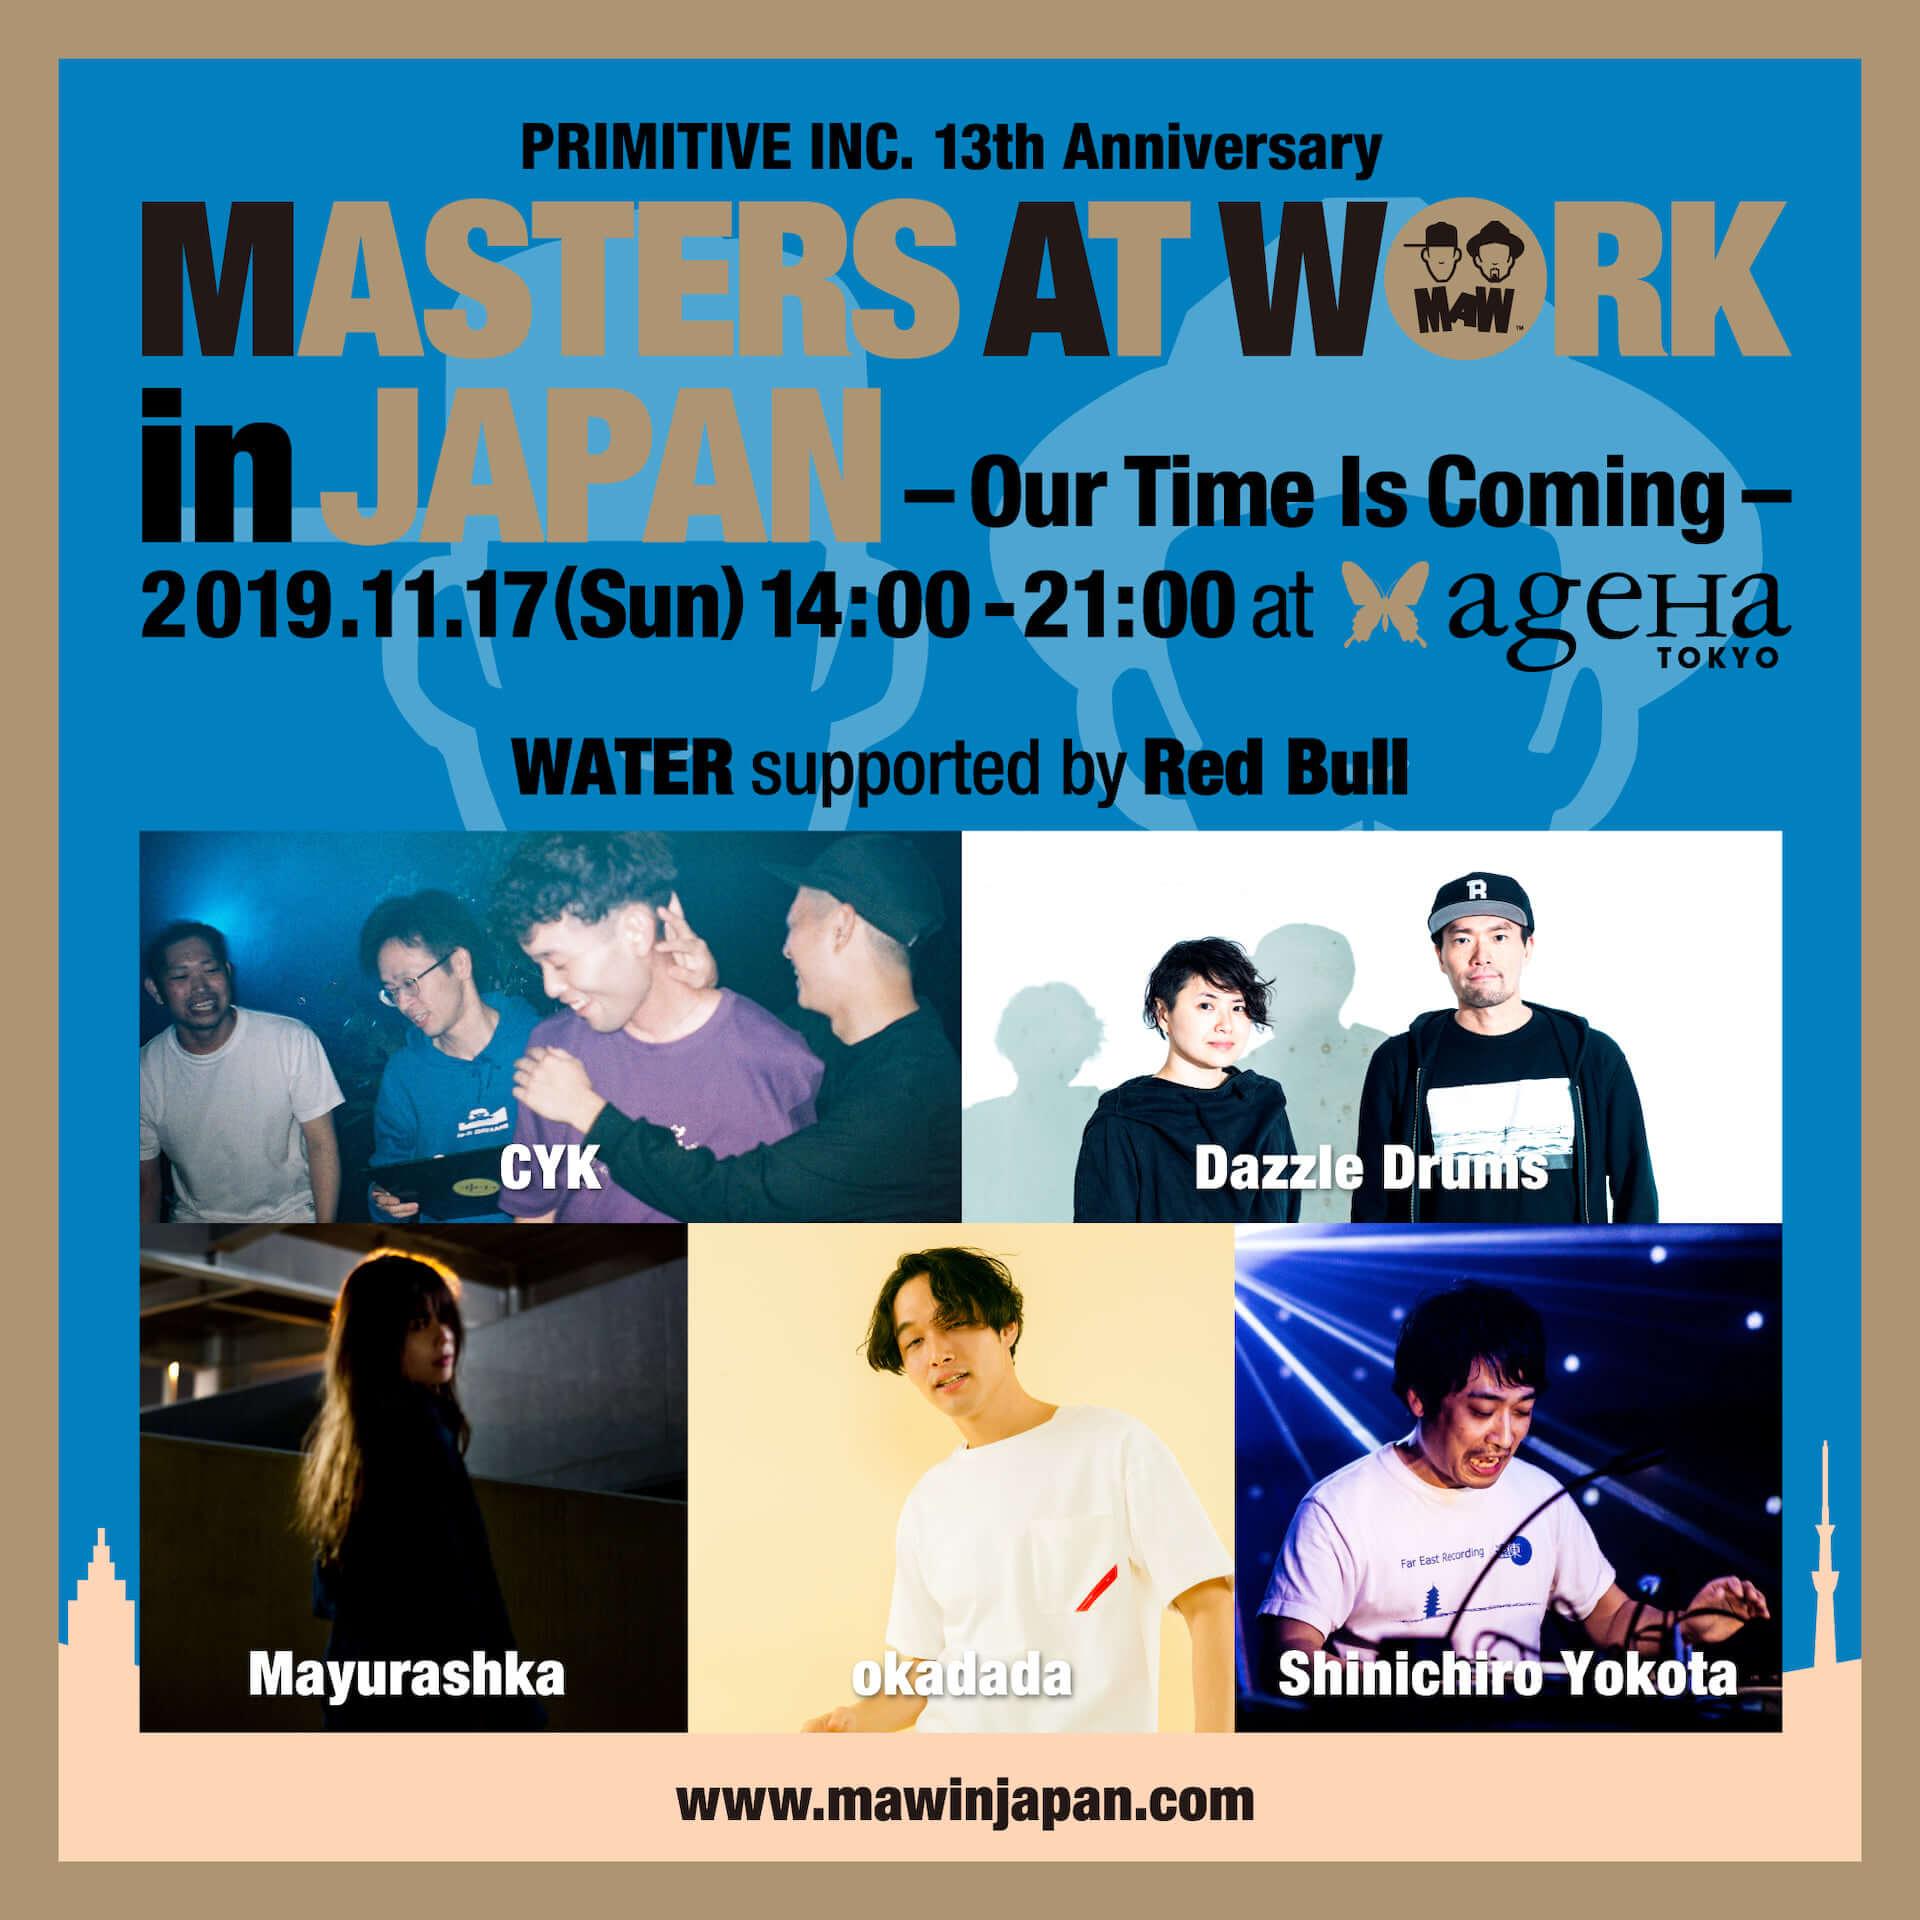 ルイー・ベガとケニー・ドープによる<MASTERS AT WORK in JAPAN>最終ラインナップが発表|okadadaやDazzle Drums、Mayurashkaらが登場 music191023_maw_2-1920x1920